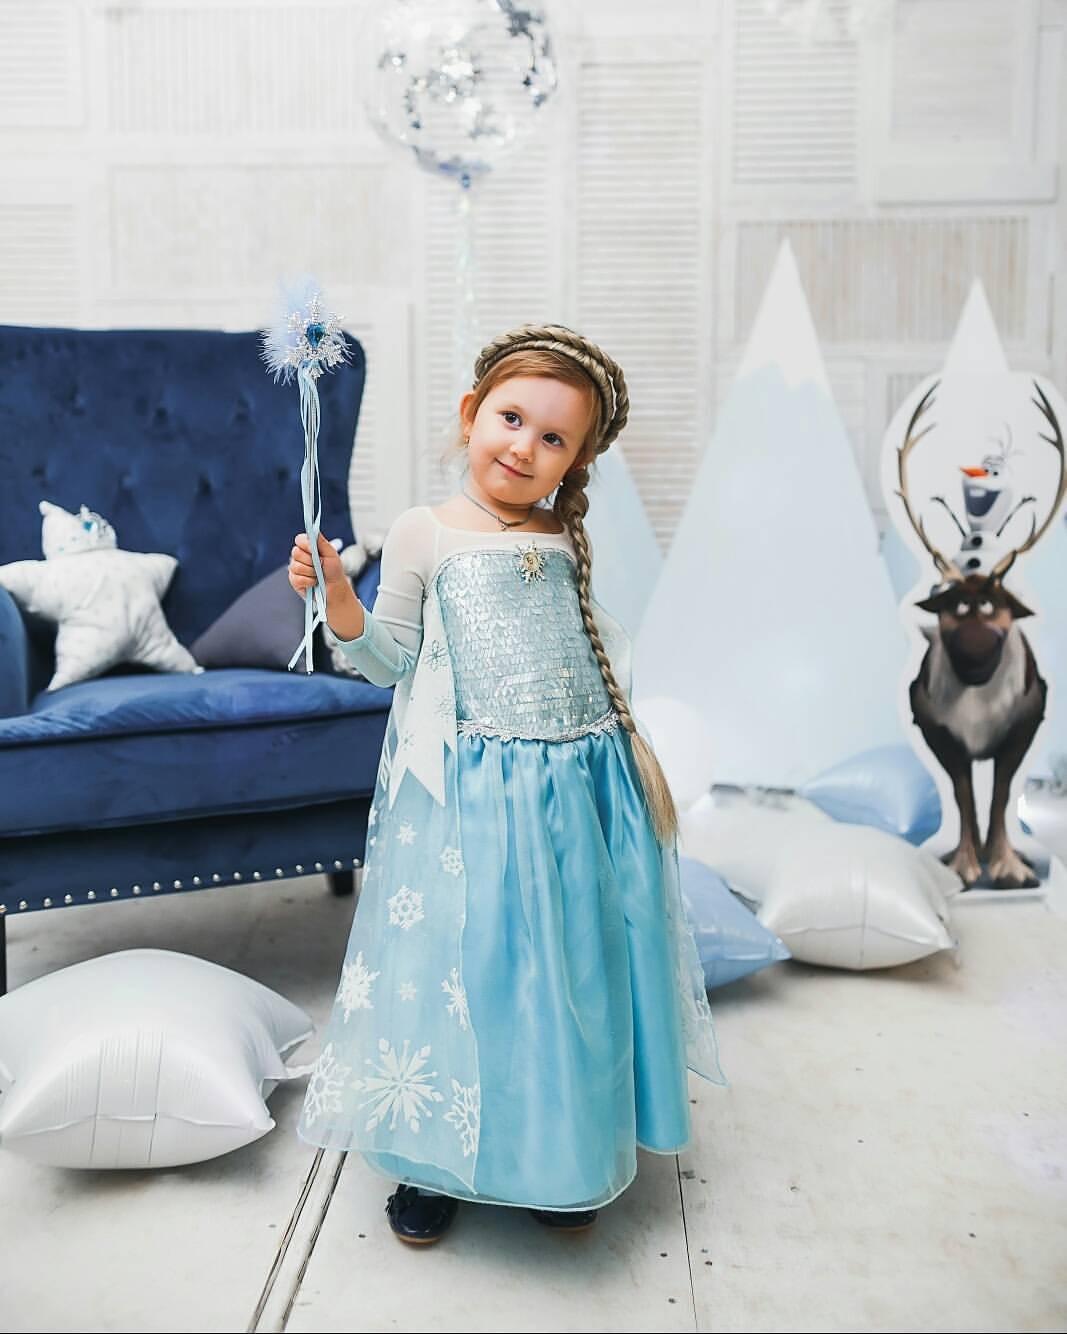 Принцесса Эльза собирается всех заморозить). Принцесса собирается на бал